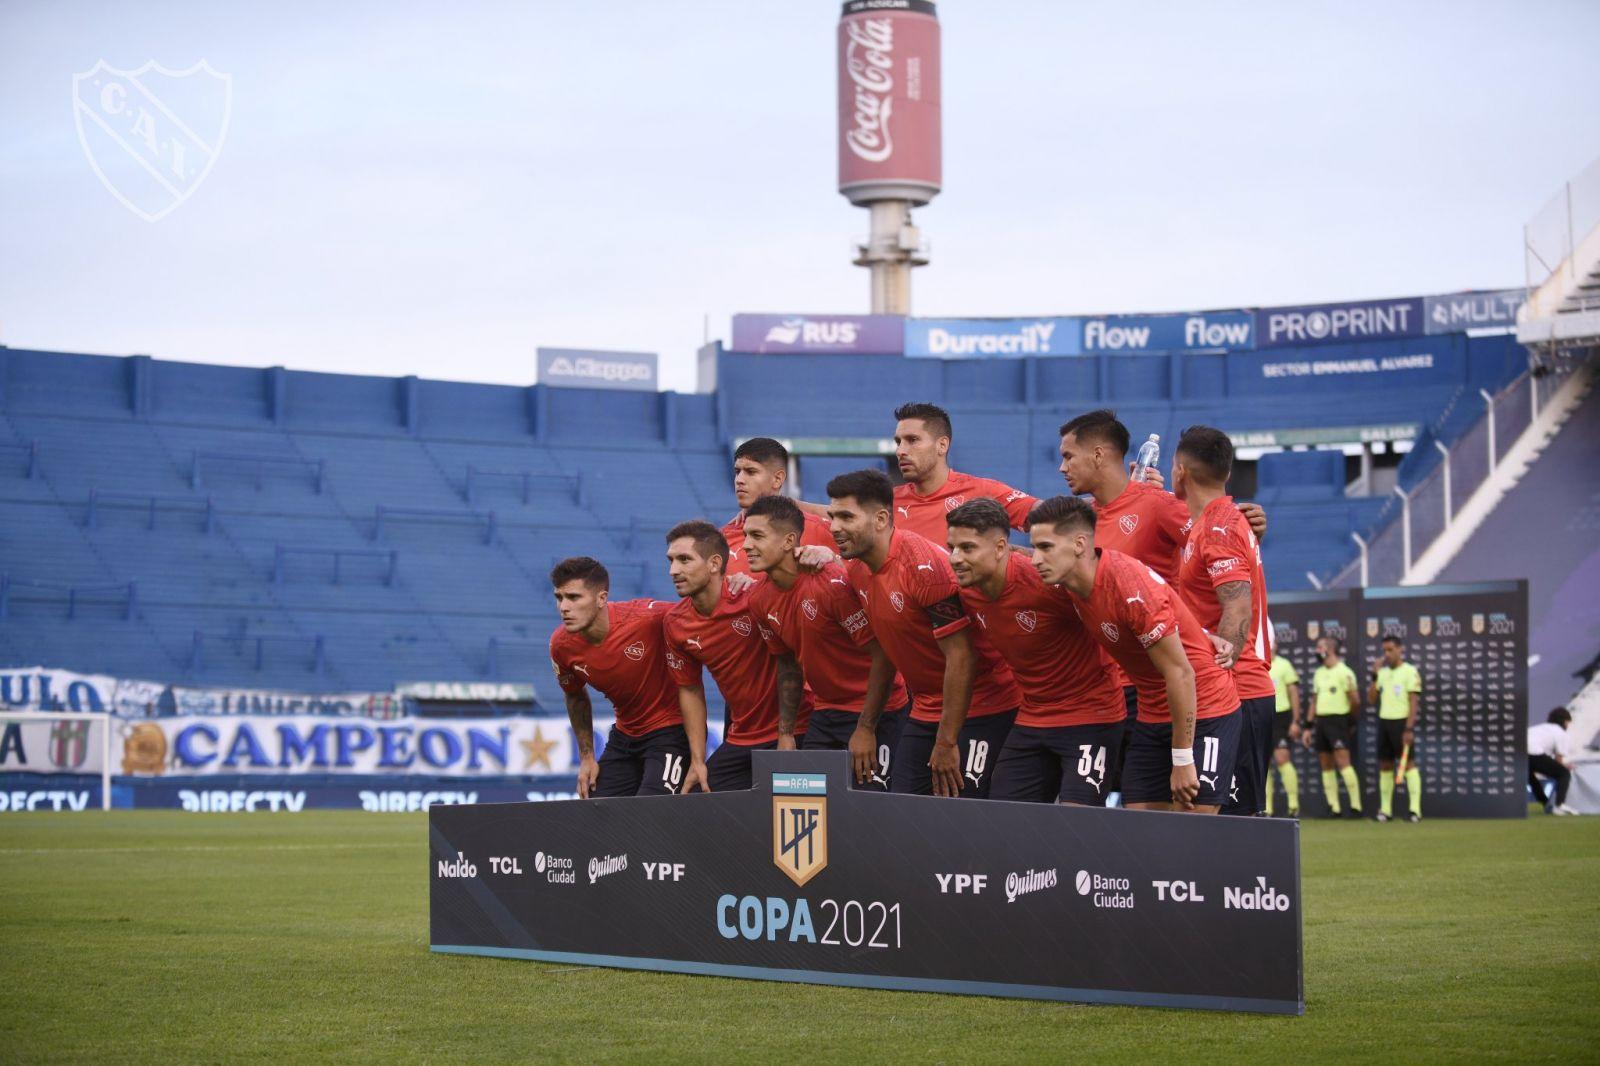 Jogadores do Independiente posam para a foto (Foto: Divulgação/Independiente)